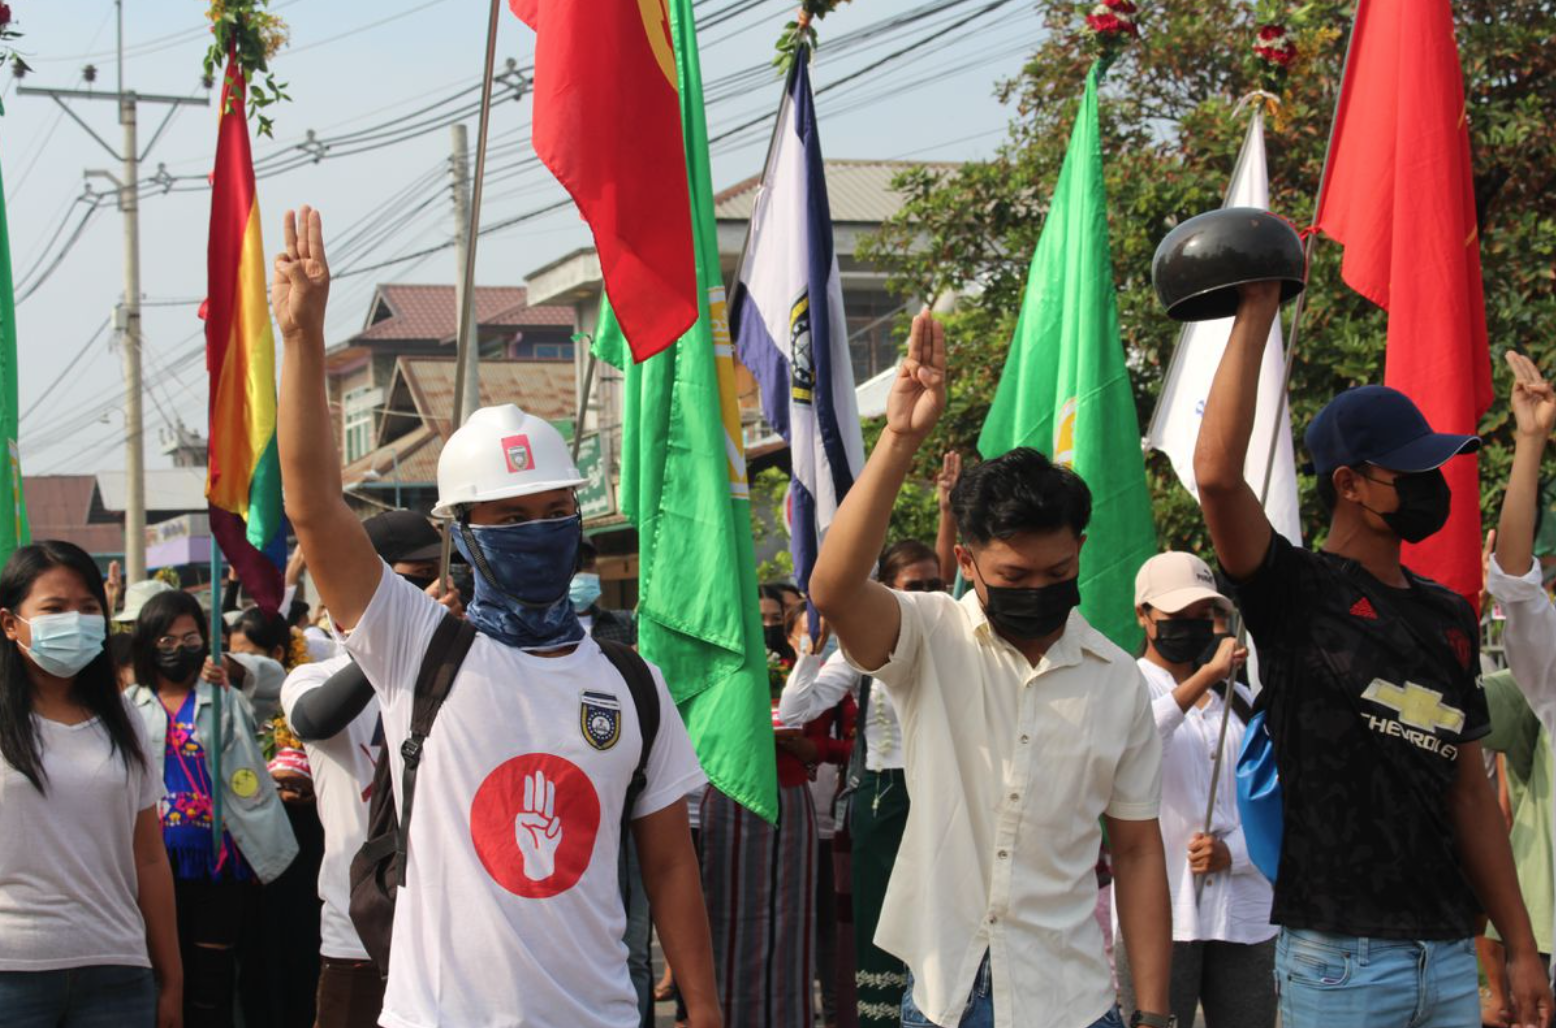 Lực lượng an ninh Myanmar bắt giữ thủ lĩnhcủa chiến dịch chống đảo chính